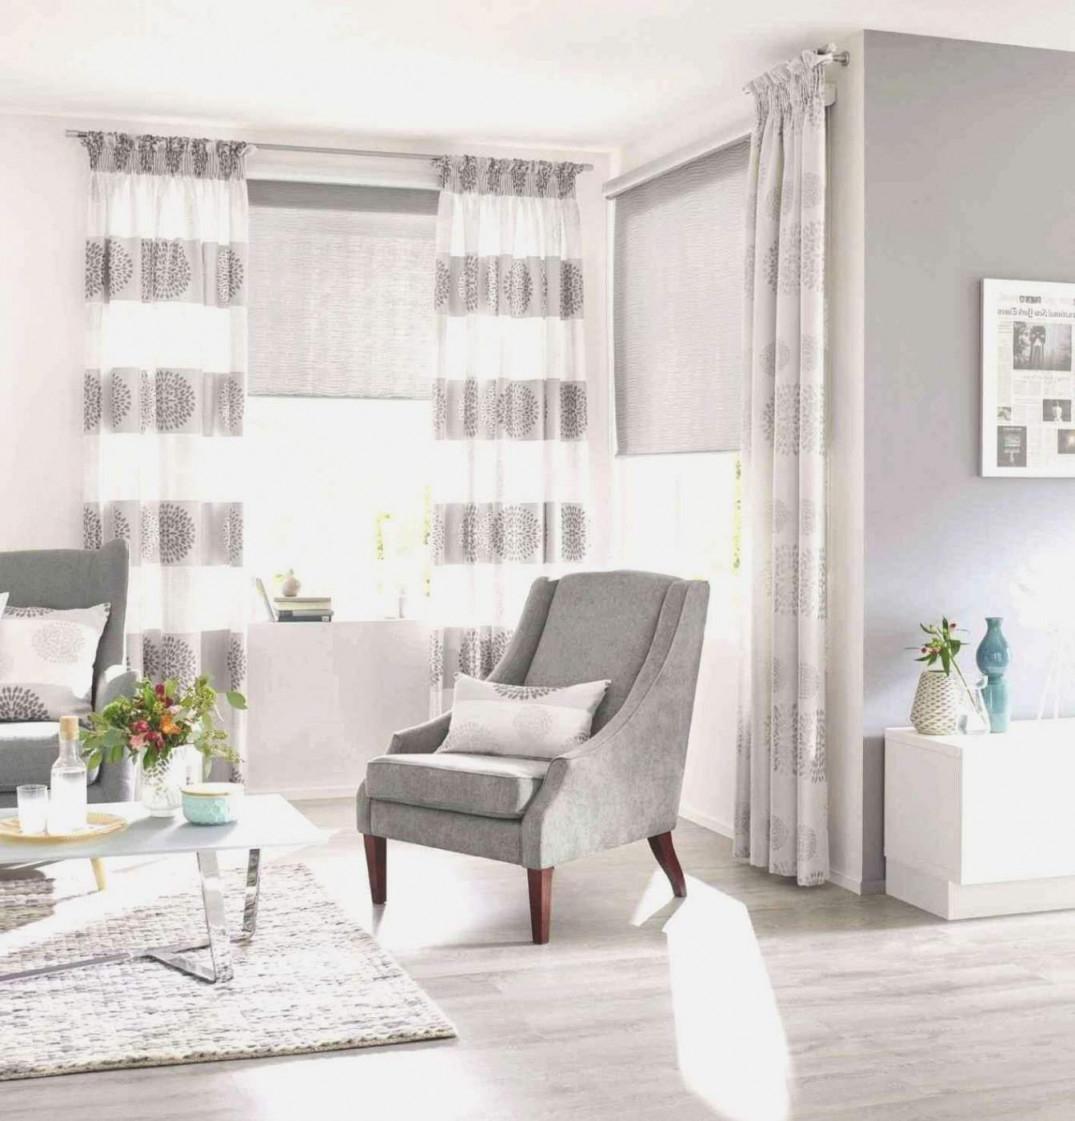 36 Elegant Wohnzimmer Vorhang Einzigartig  Wohnzimmer Frisch von Gardinen Vorhänge Wohnzimmer Bild